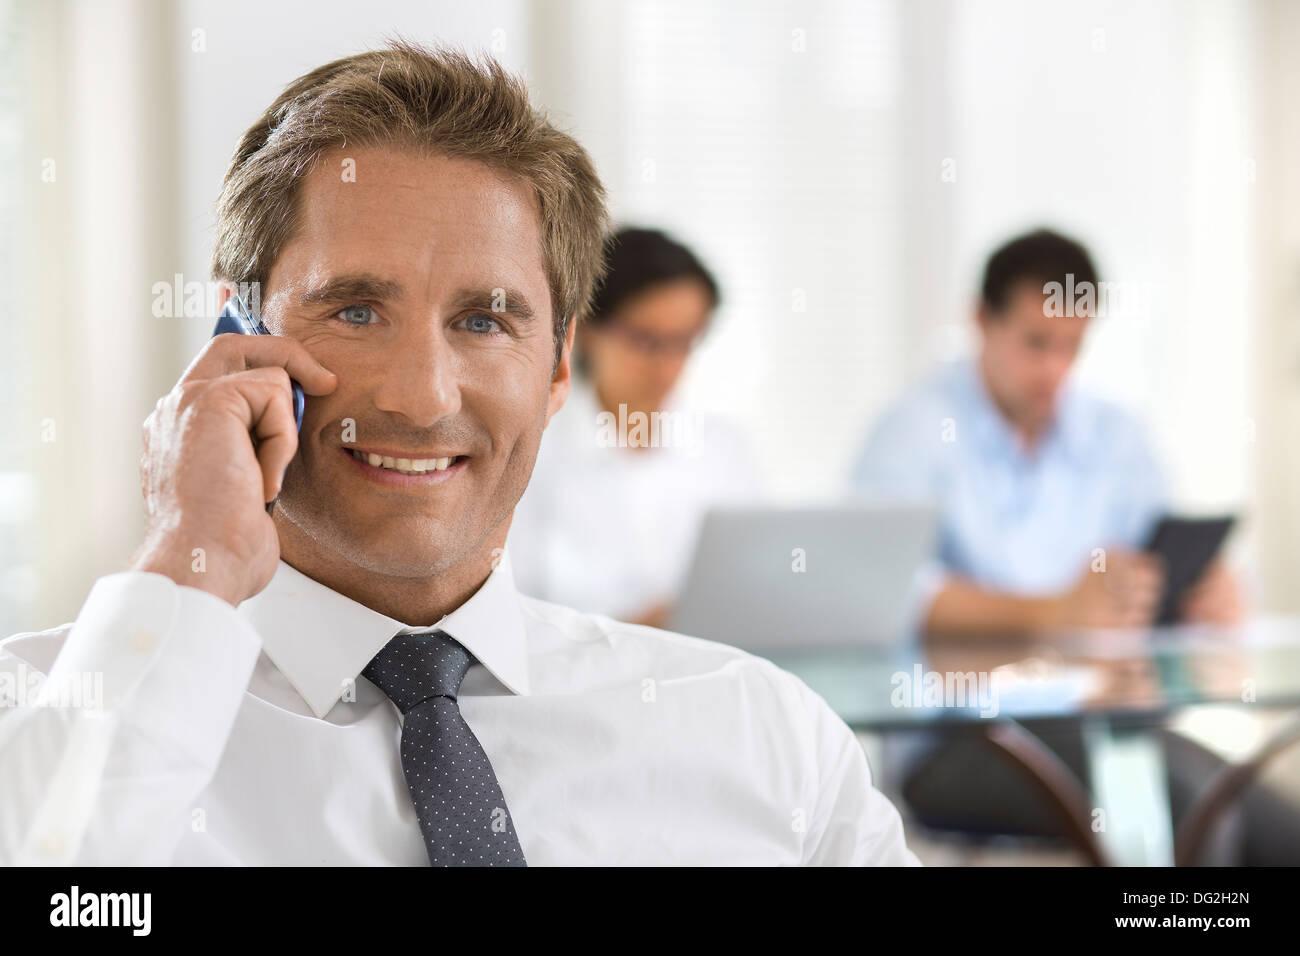 Maschio telefono mobile office desk guardando la fotocamera Immagini Stock